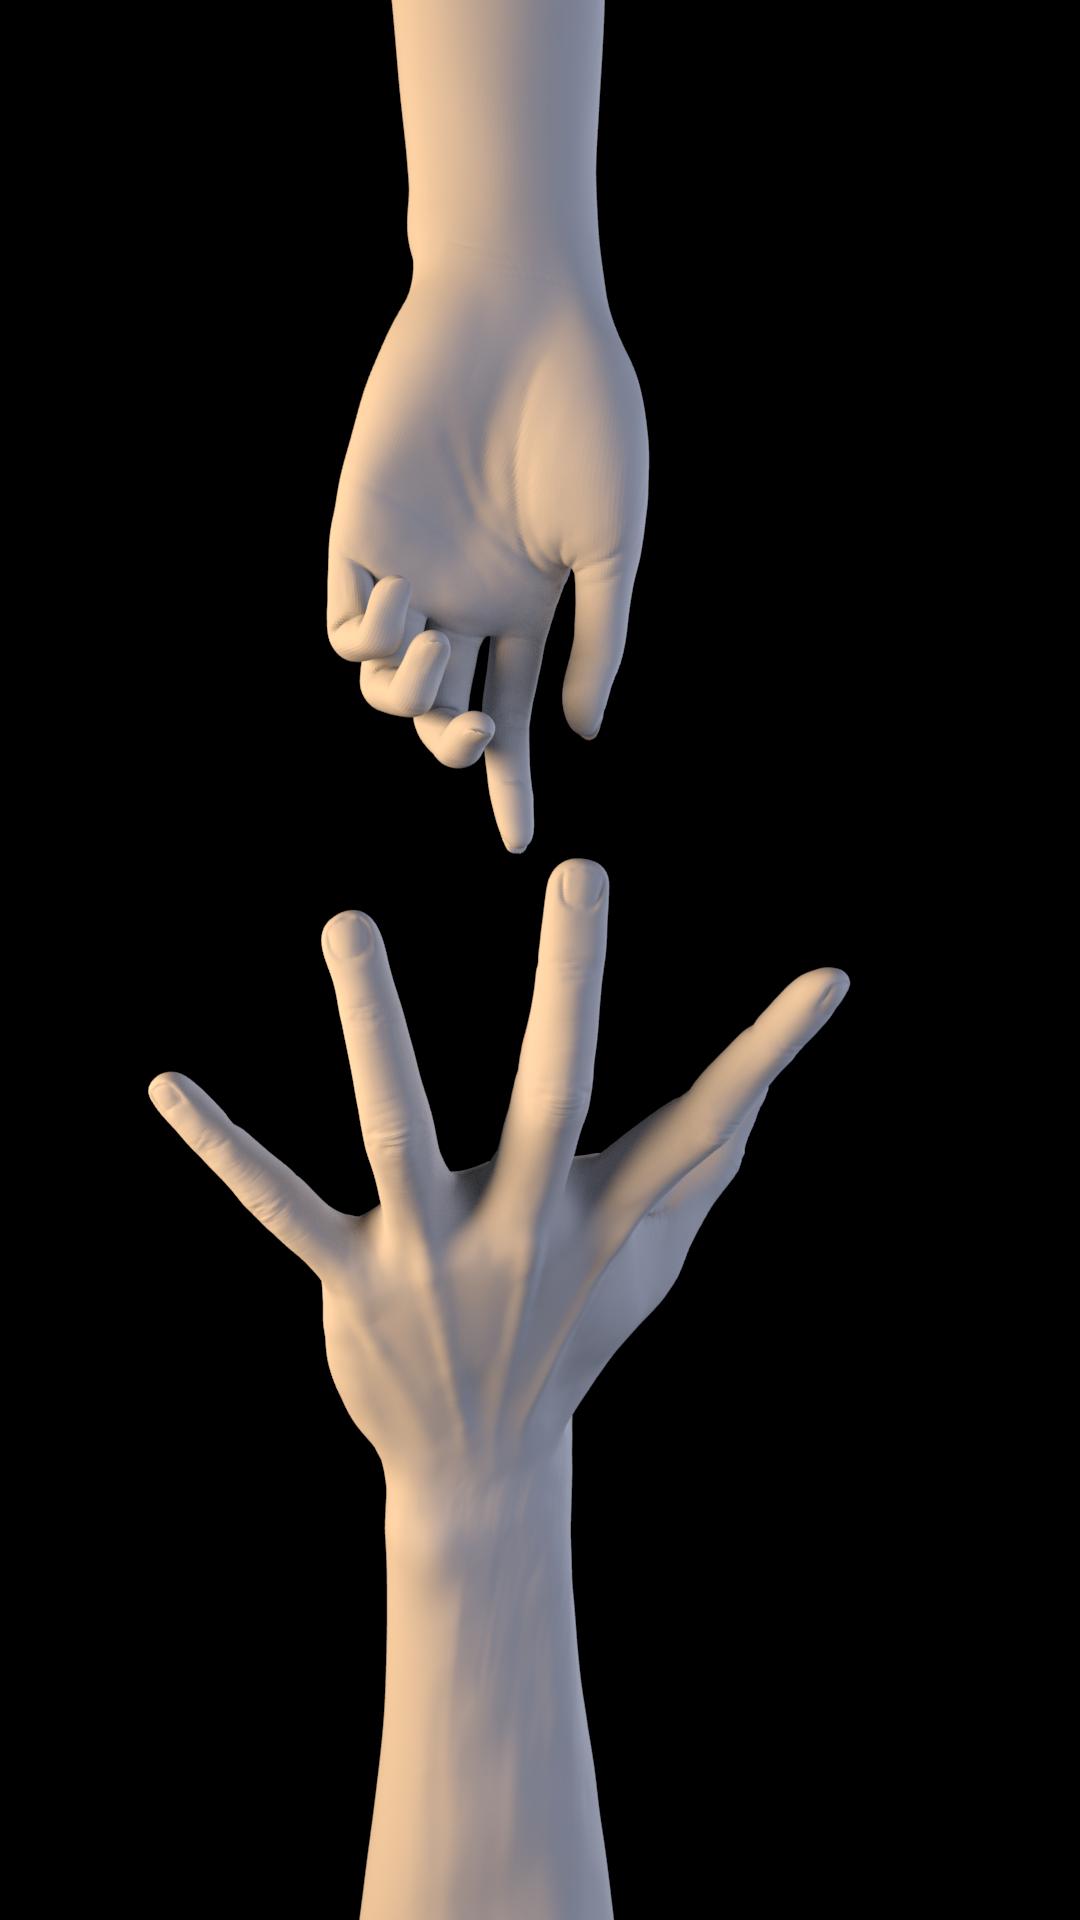 Hands 0075 Mrantilife